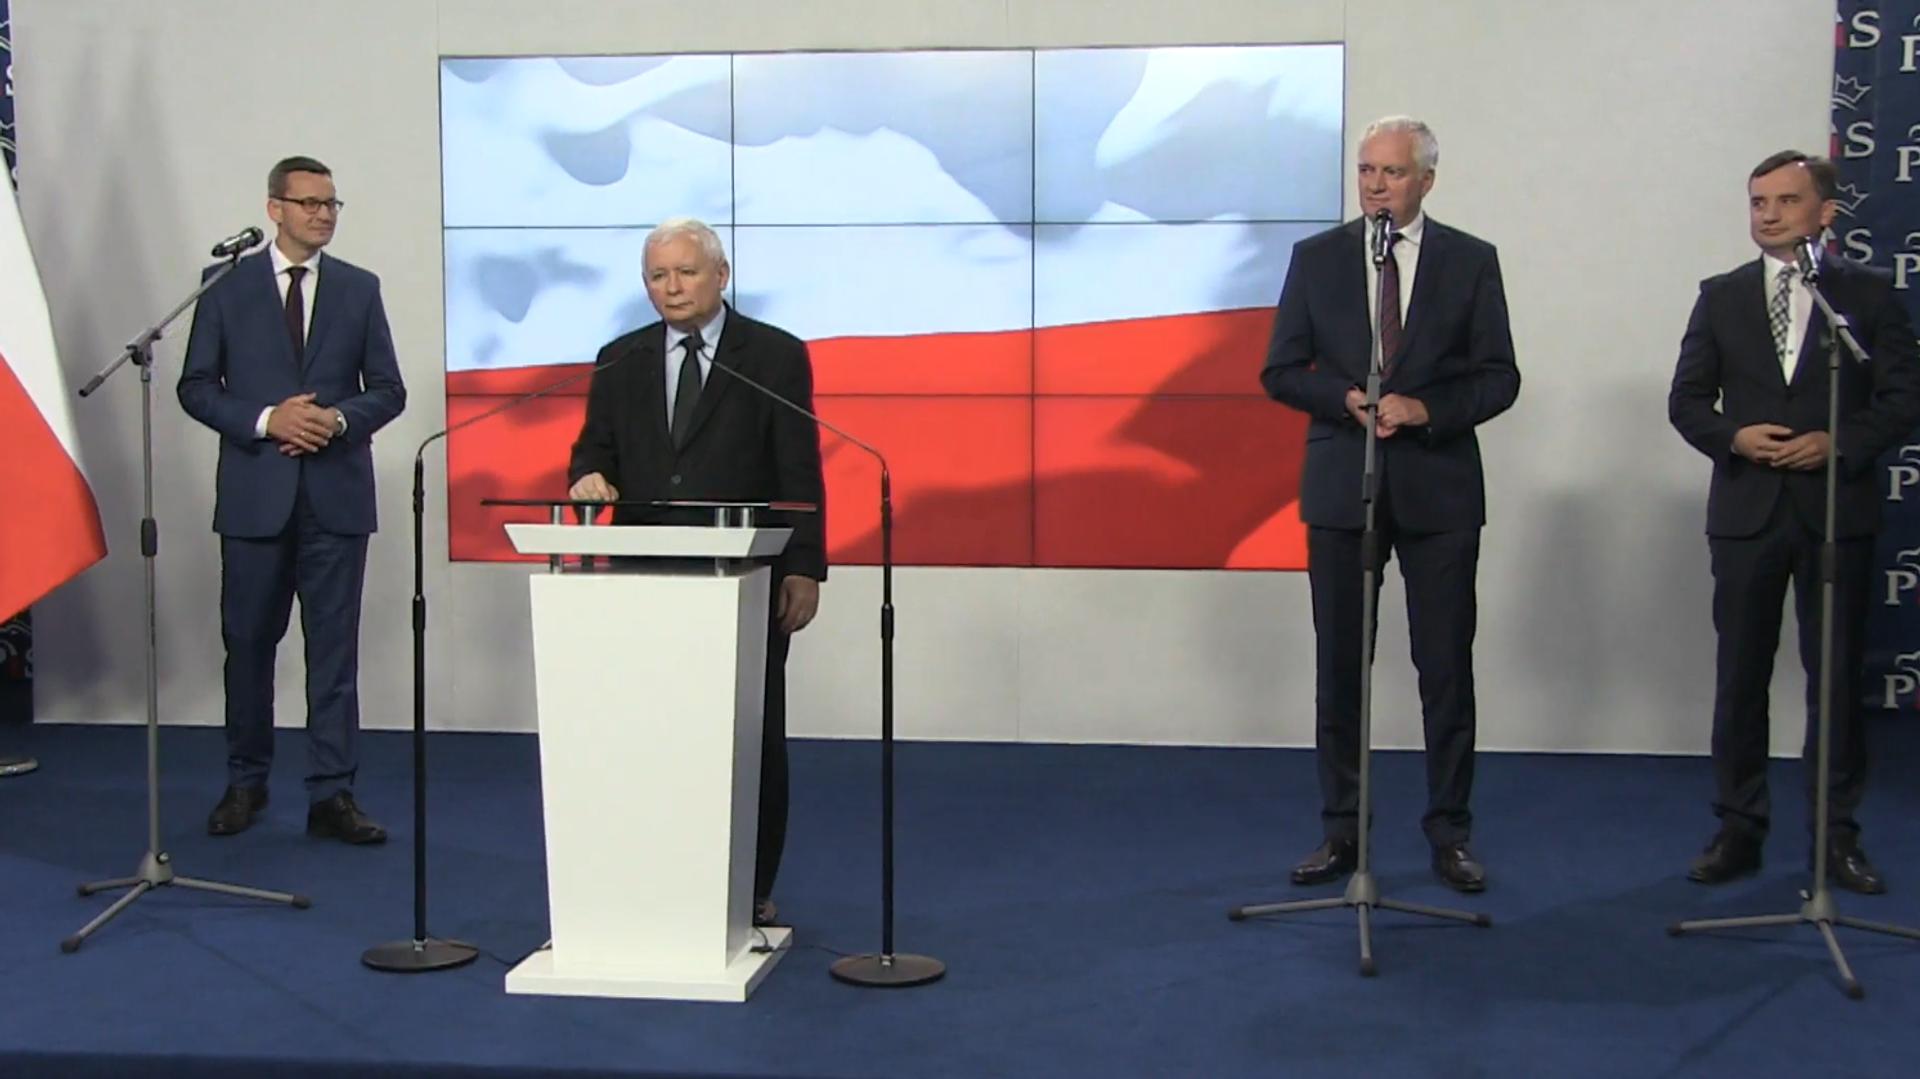 Podpisanie umowy koalicyjnej przez Jarosława Kaczyńskiego, Zbigniewa Ziobrę i Jarosława Gowina - Sputnik Polska, 1920, 07.08.2021